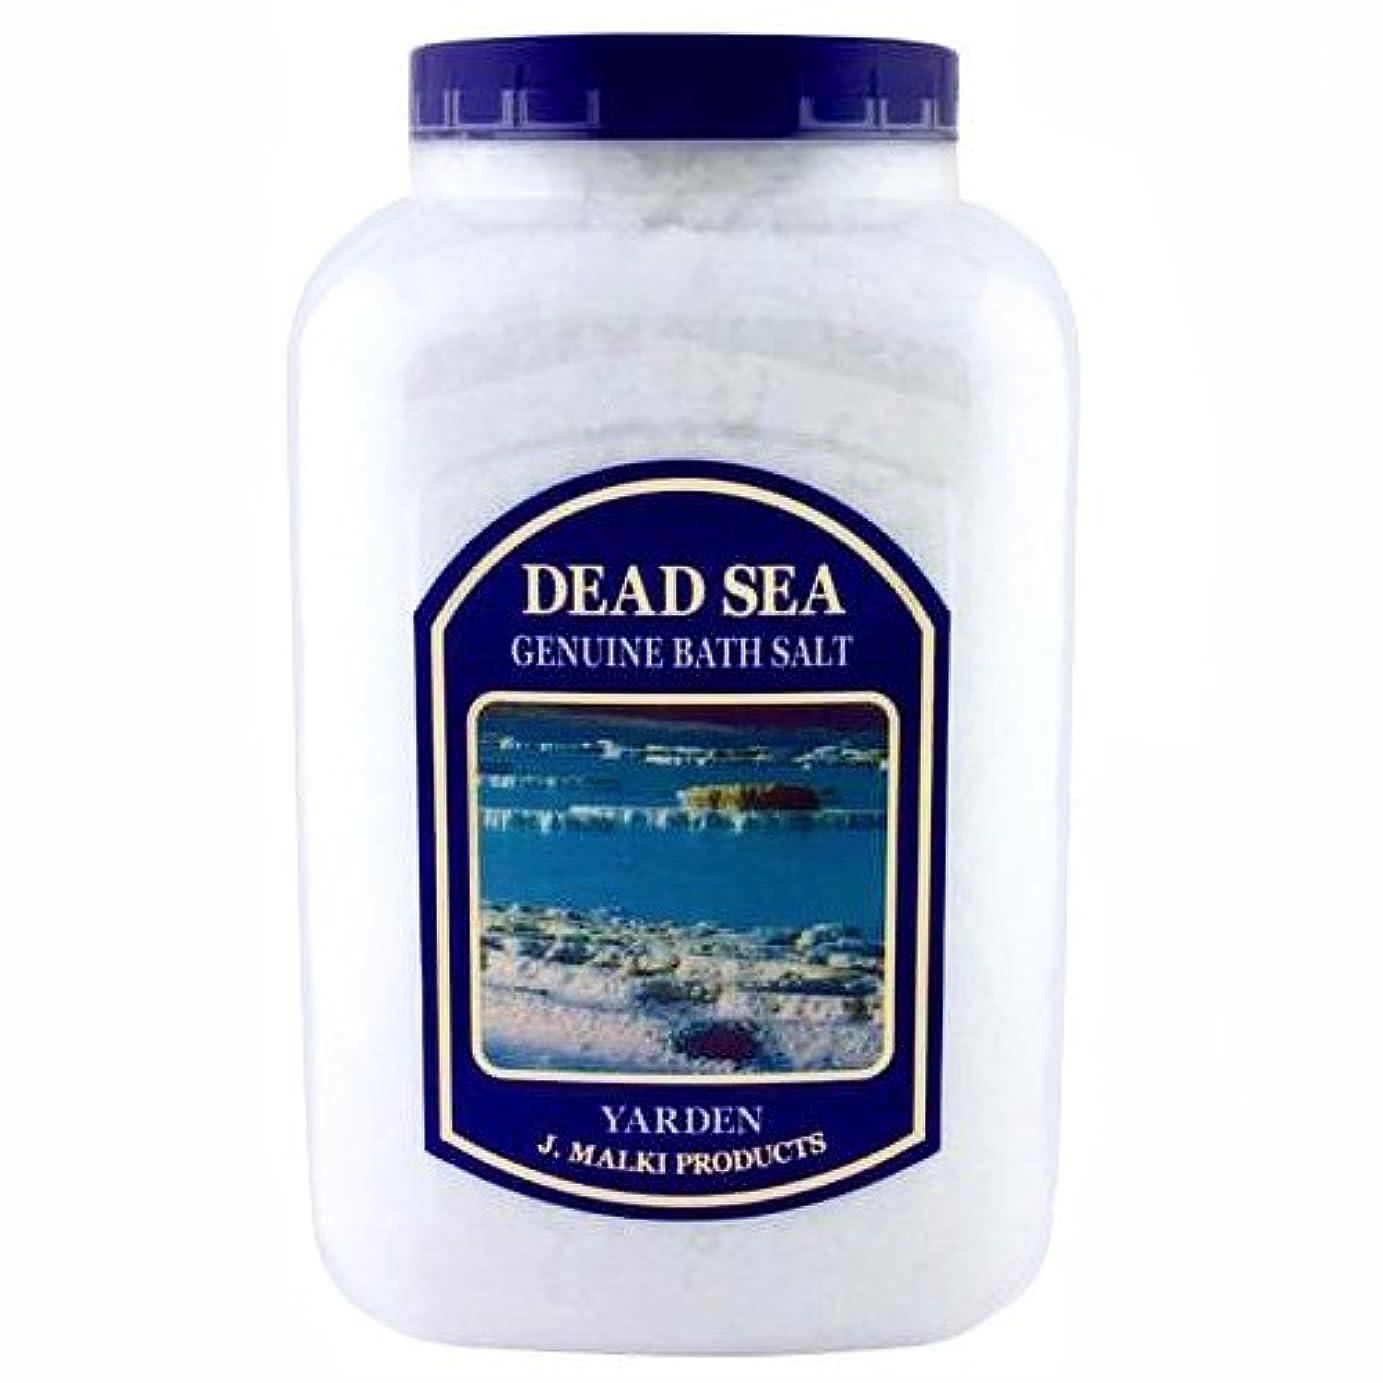 君主制一部預言者デッドシー?バスソルト 4.5kg(約45回分)【DEAD SEA BATH SALT】死海の塩/入浴剤(入浴用化粧品)【正規販売店】